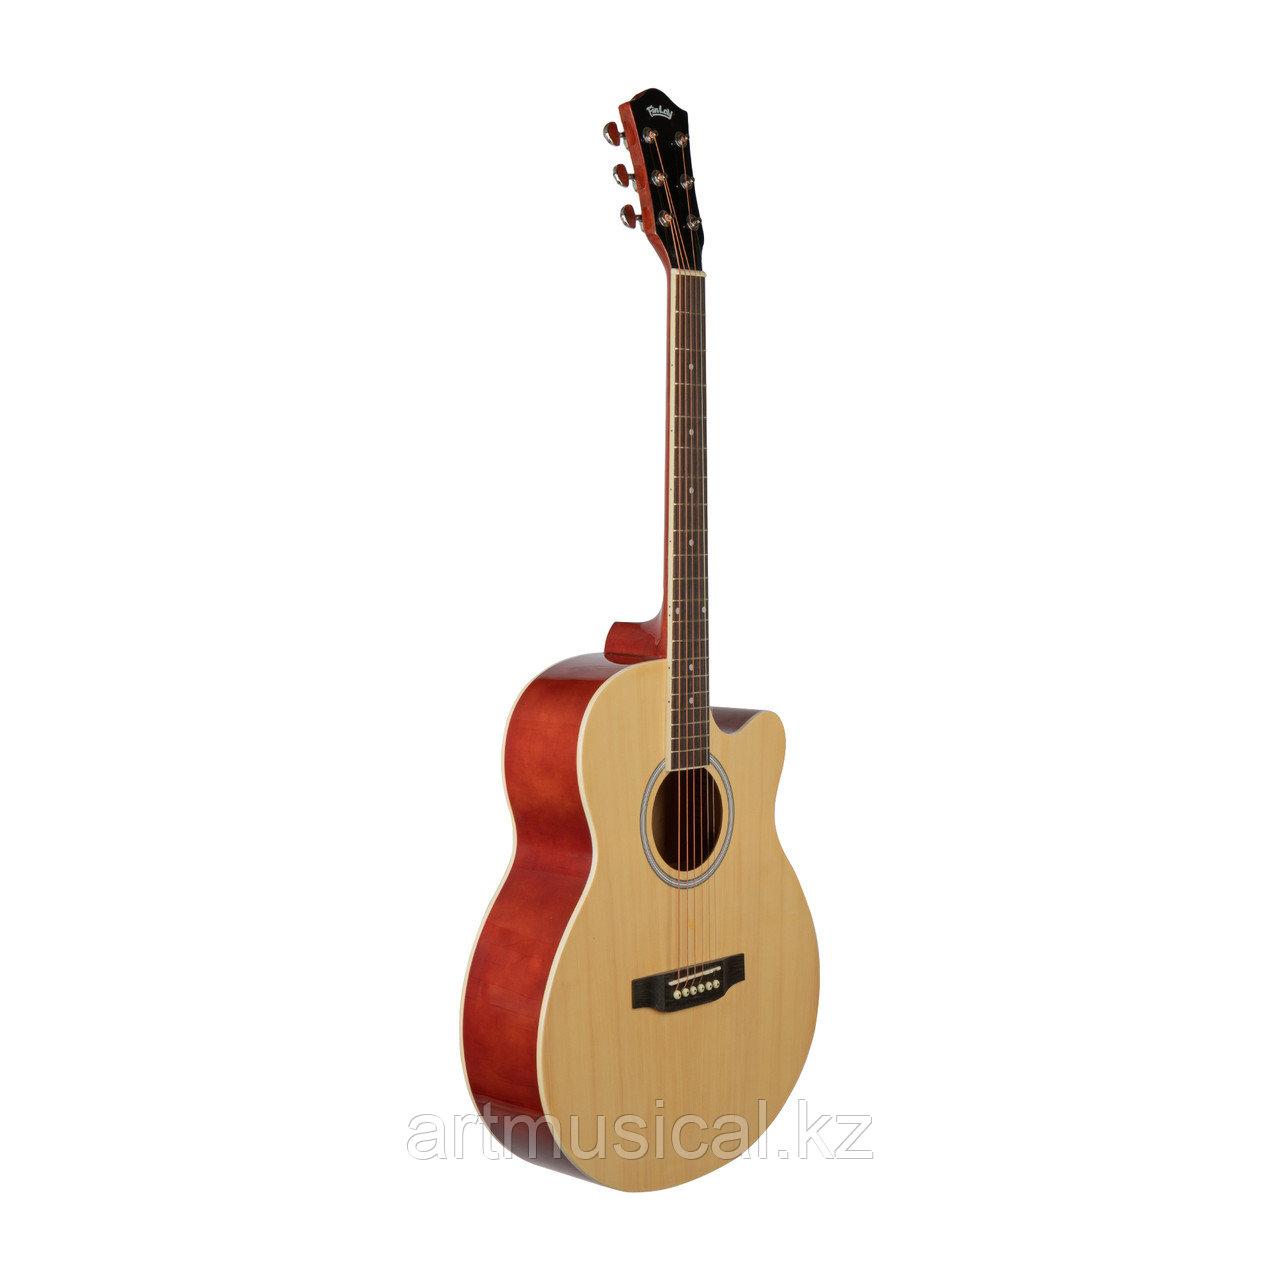 Акустическая гитара Finlay 40NT